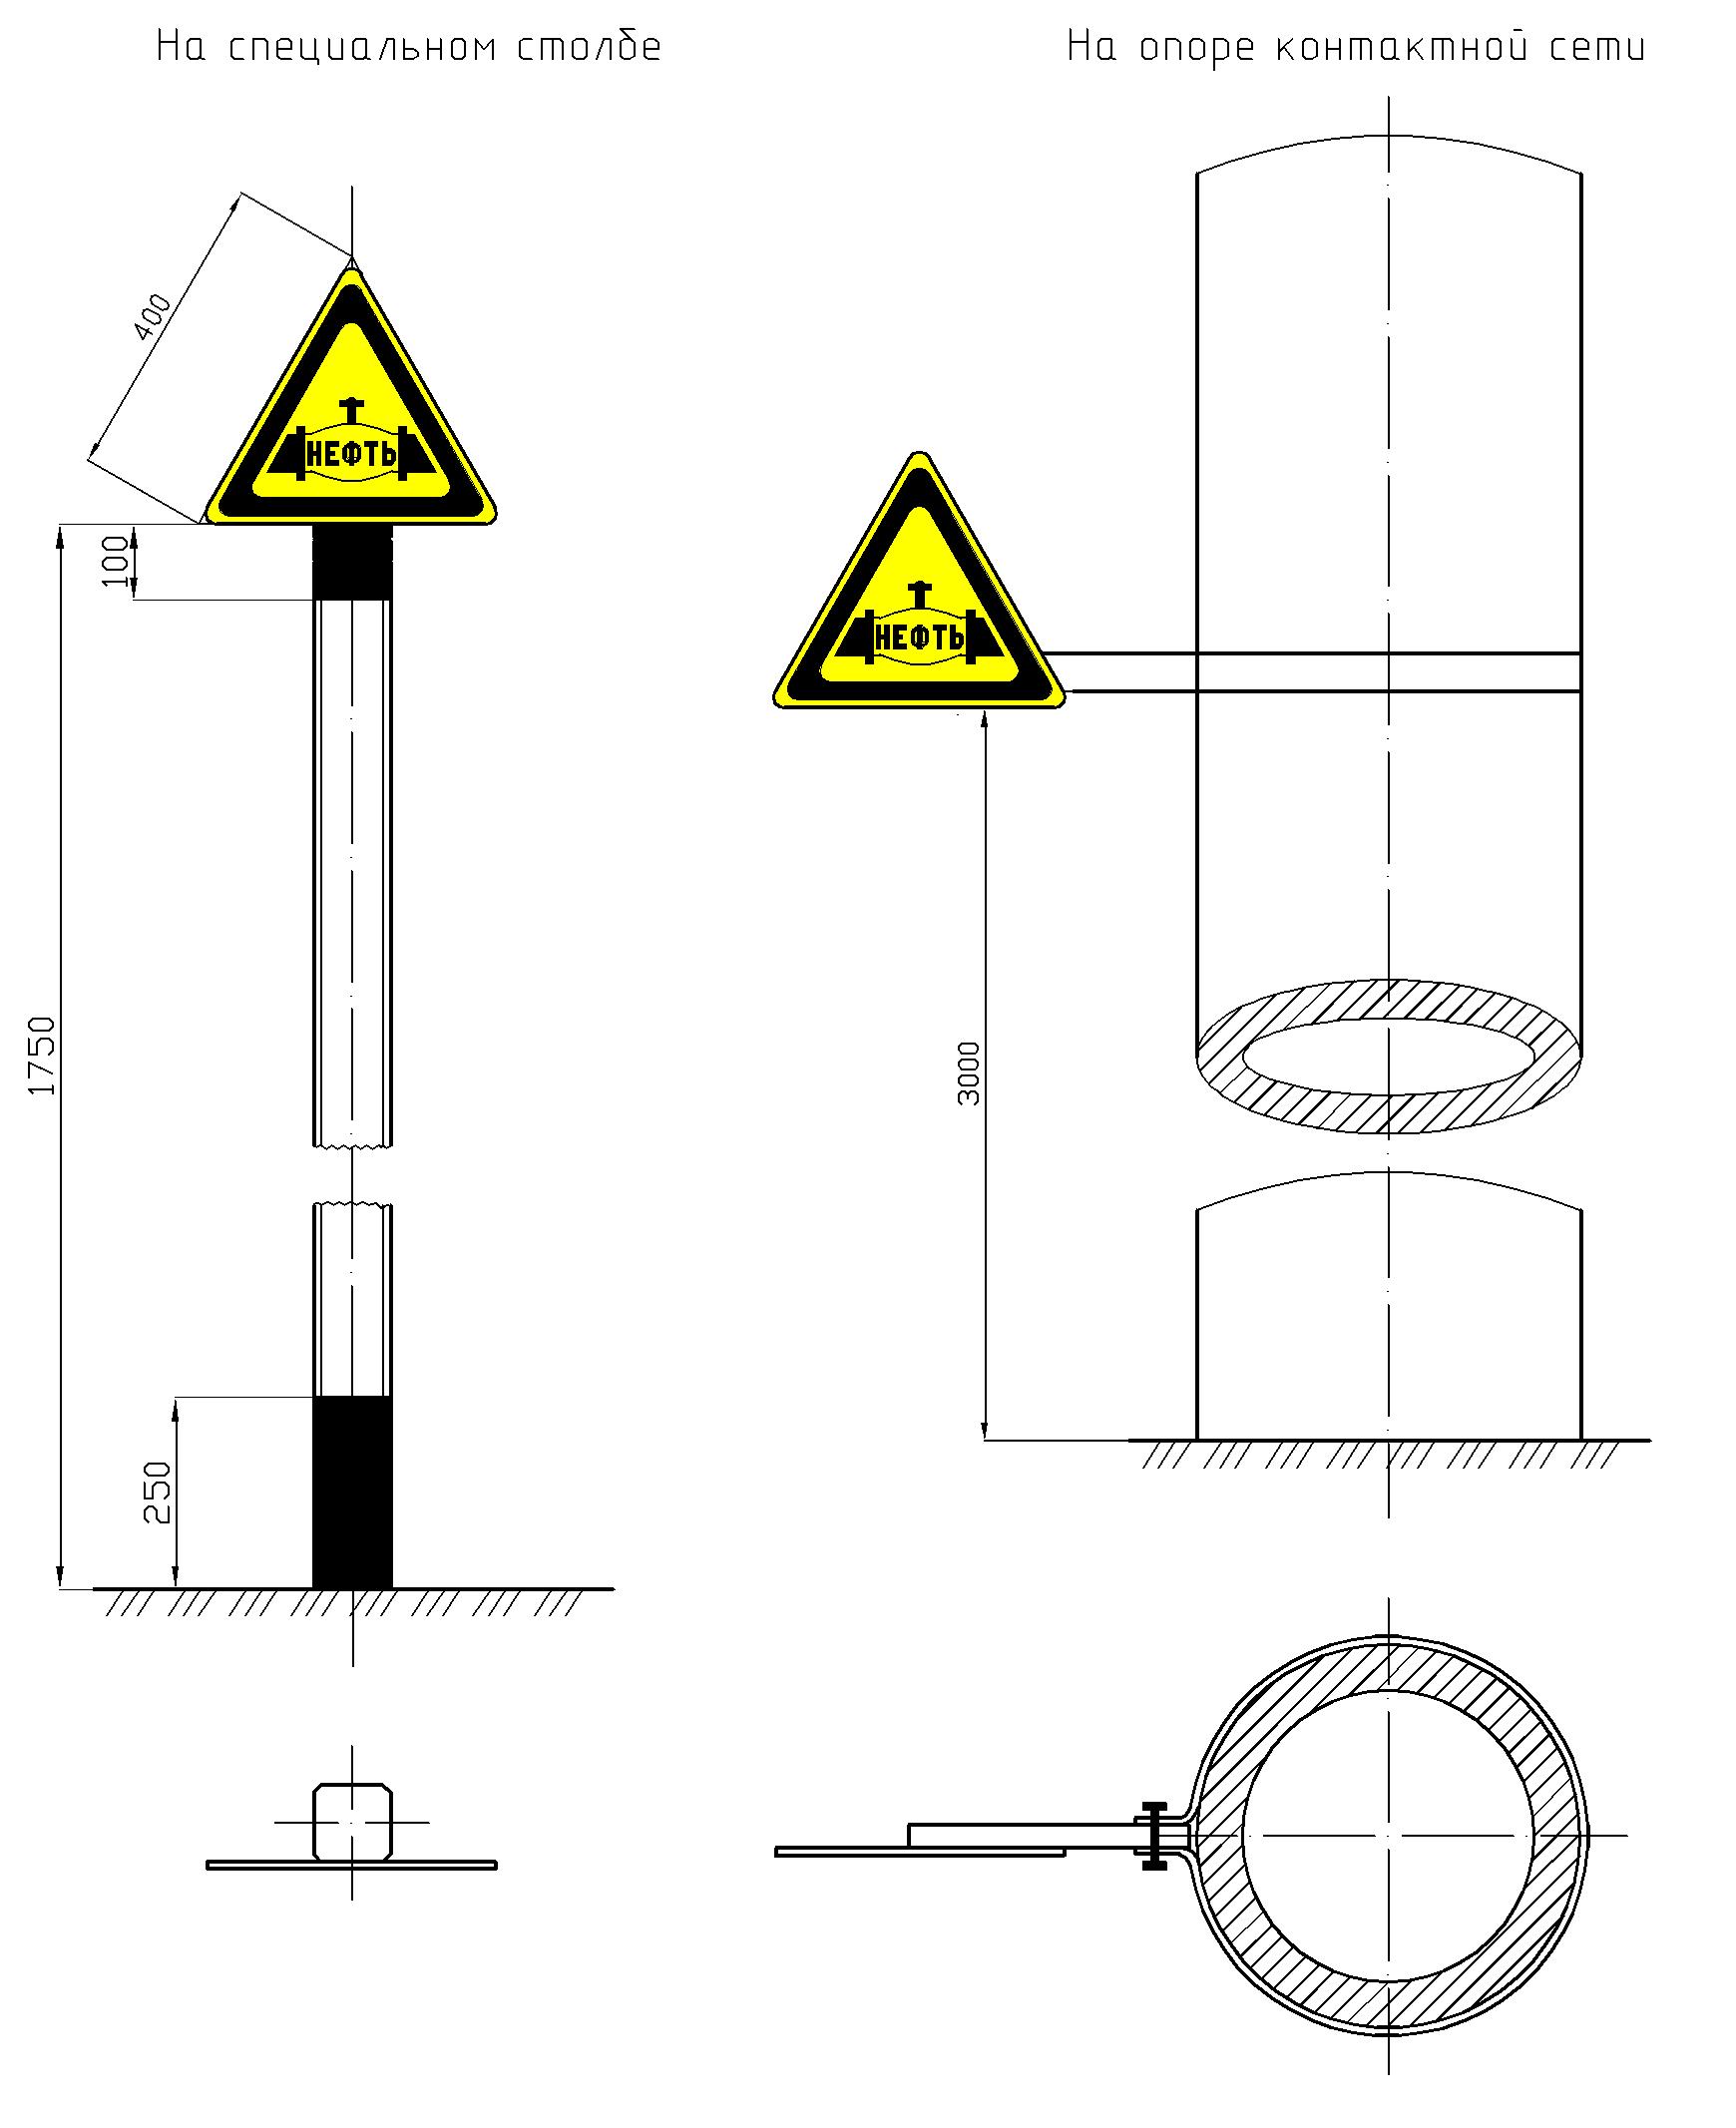 Рисунок 18. Постоянный сигнальный знак «Нефть»